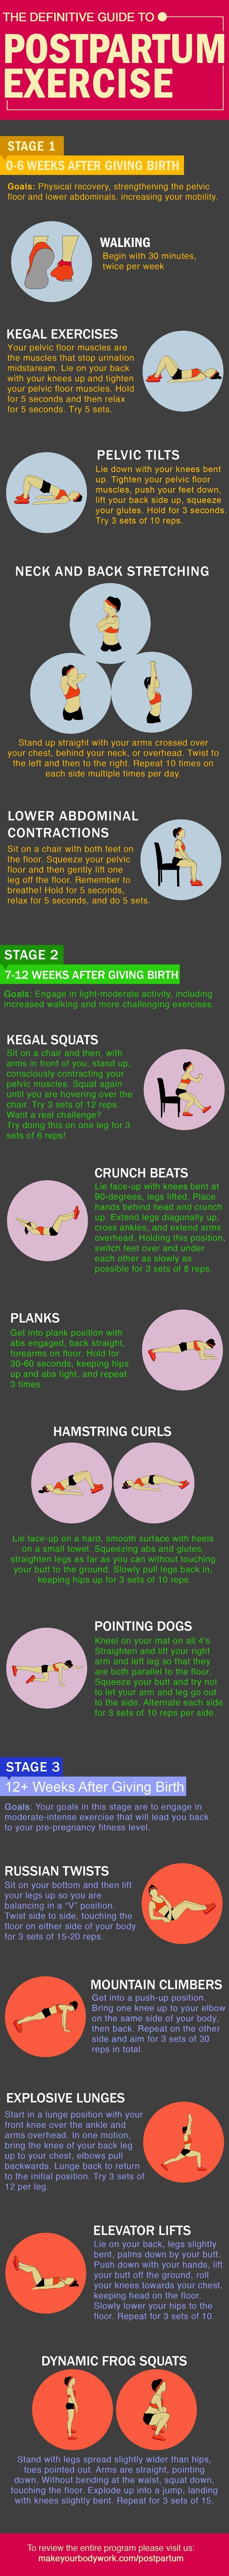 best interval training treadmill weight loss